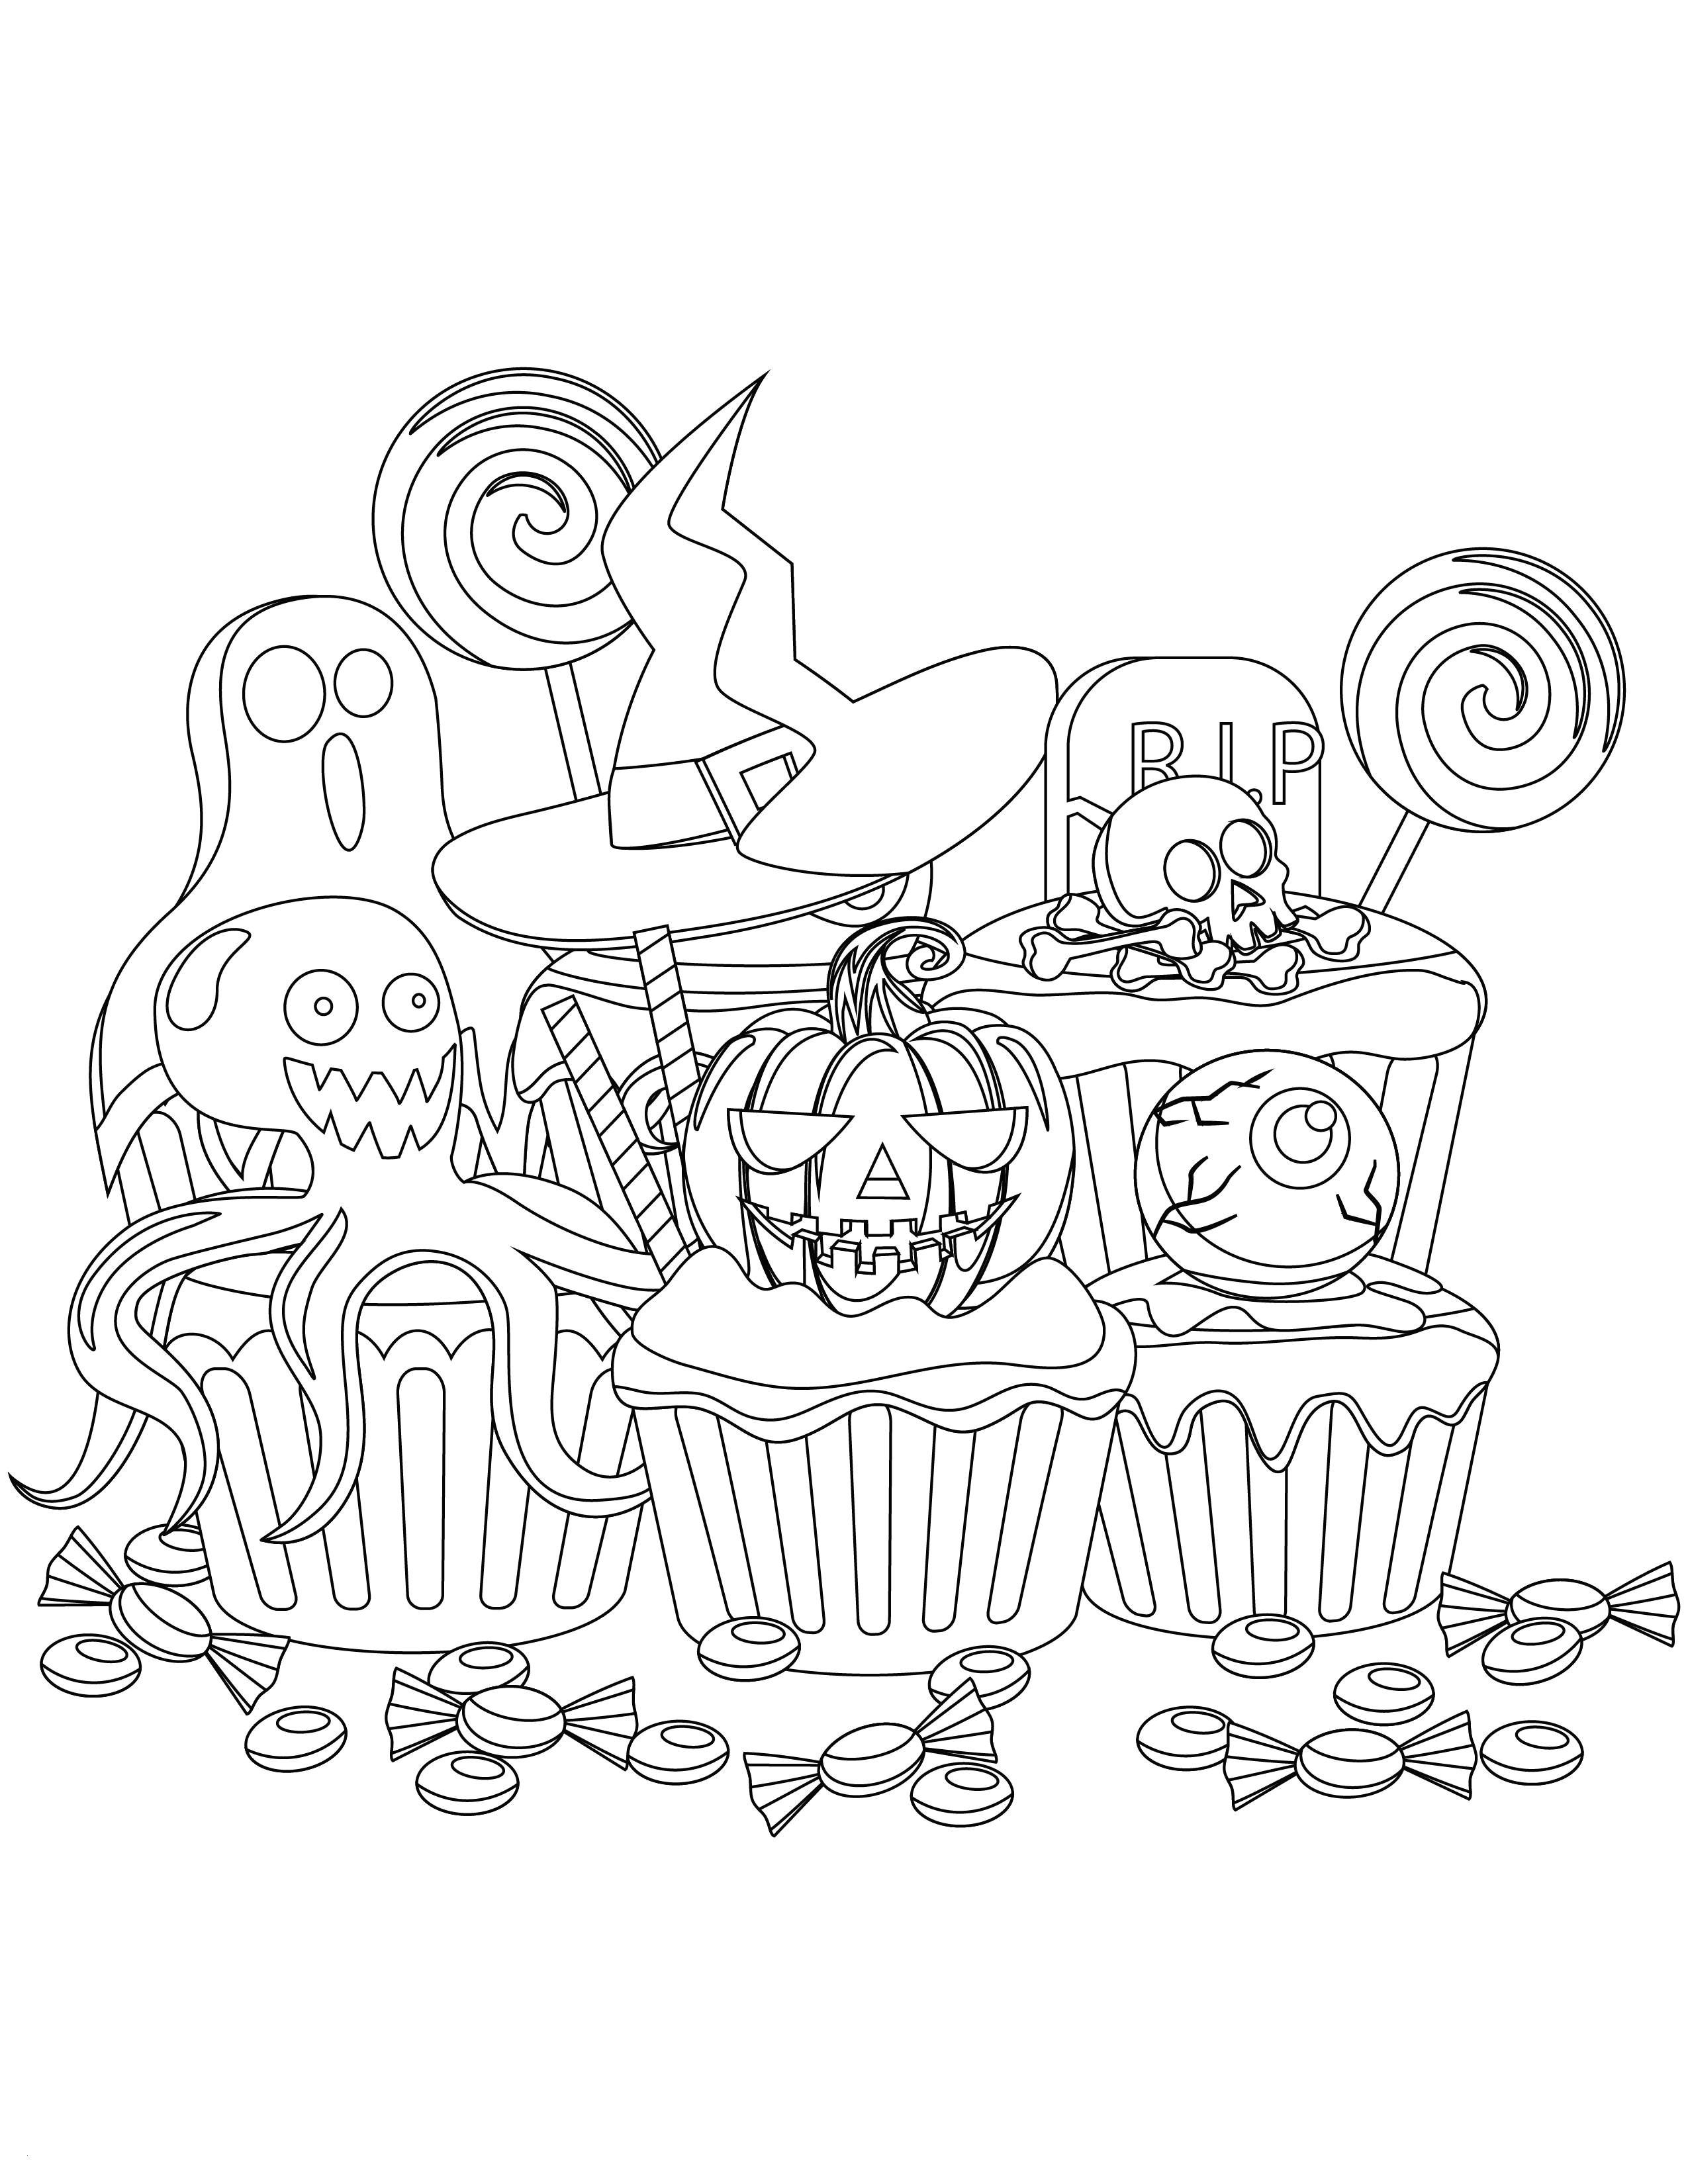 K Drawing Images Pre K Weihnachten Malvorlagen Sensationell Malvorlagen Igel